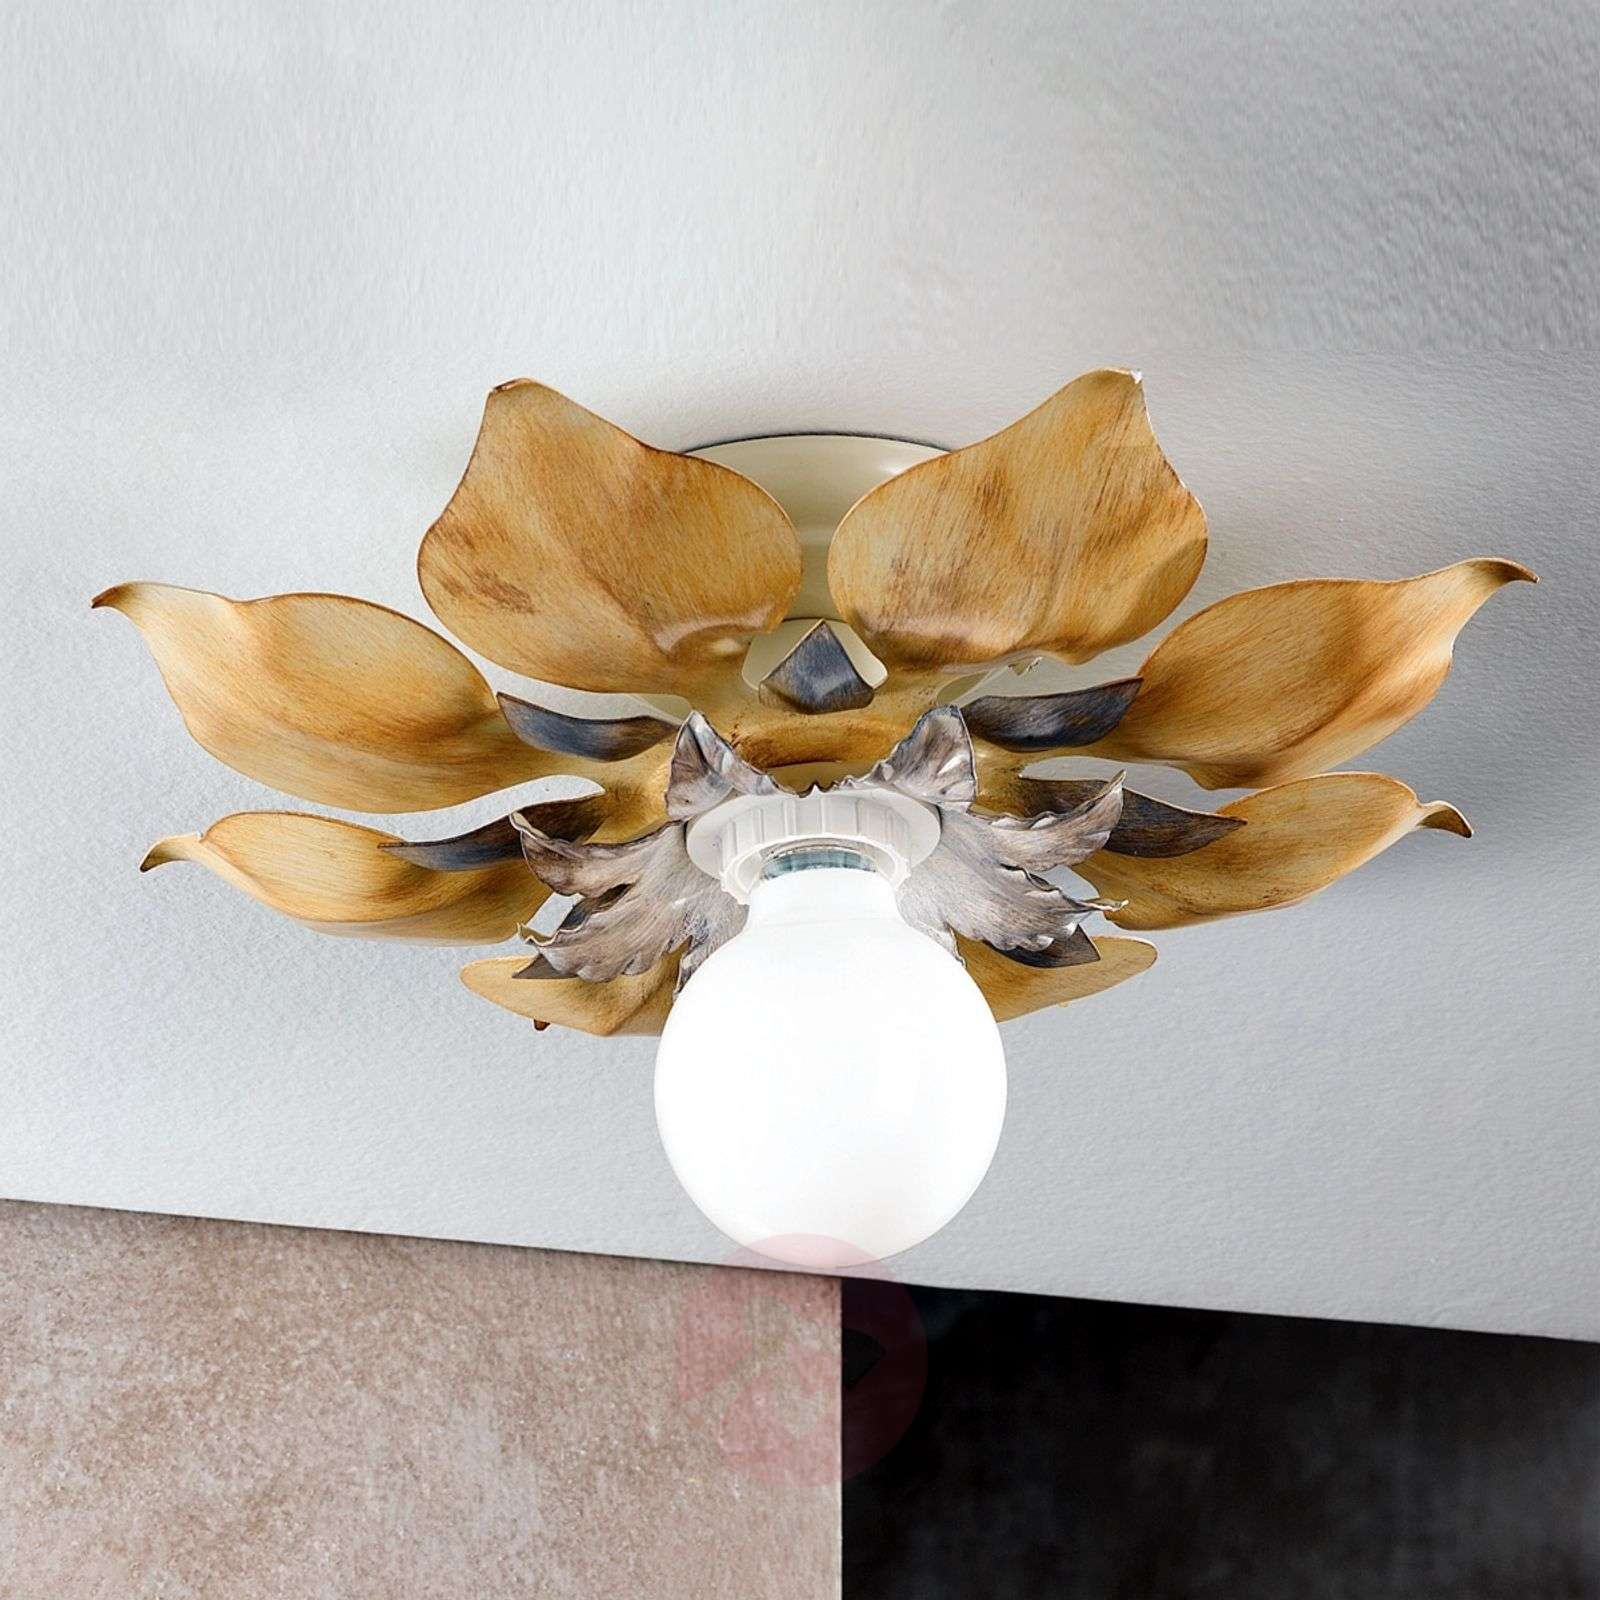 Blossom – Florentine kattovalaisin, norsunluu-7254530-01